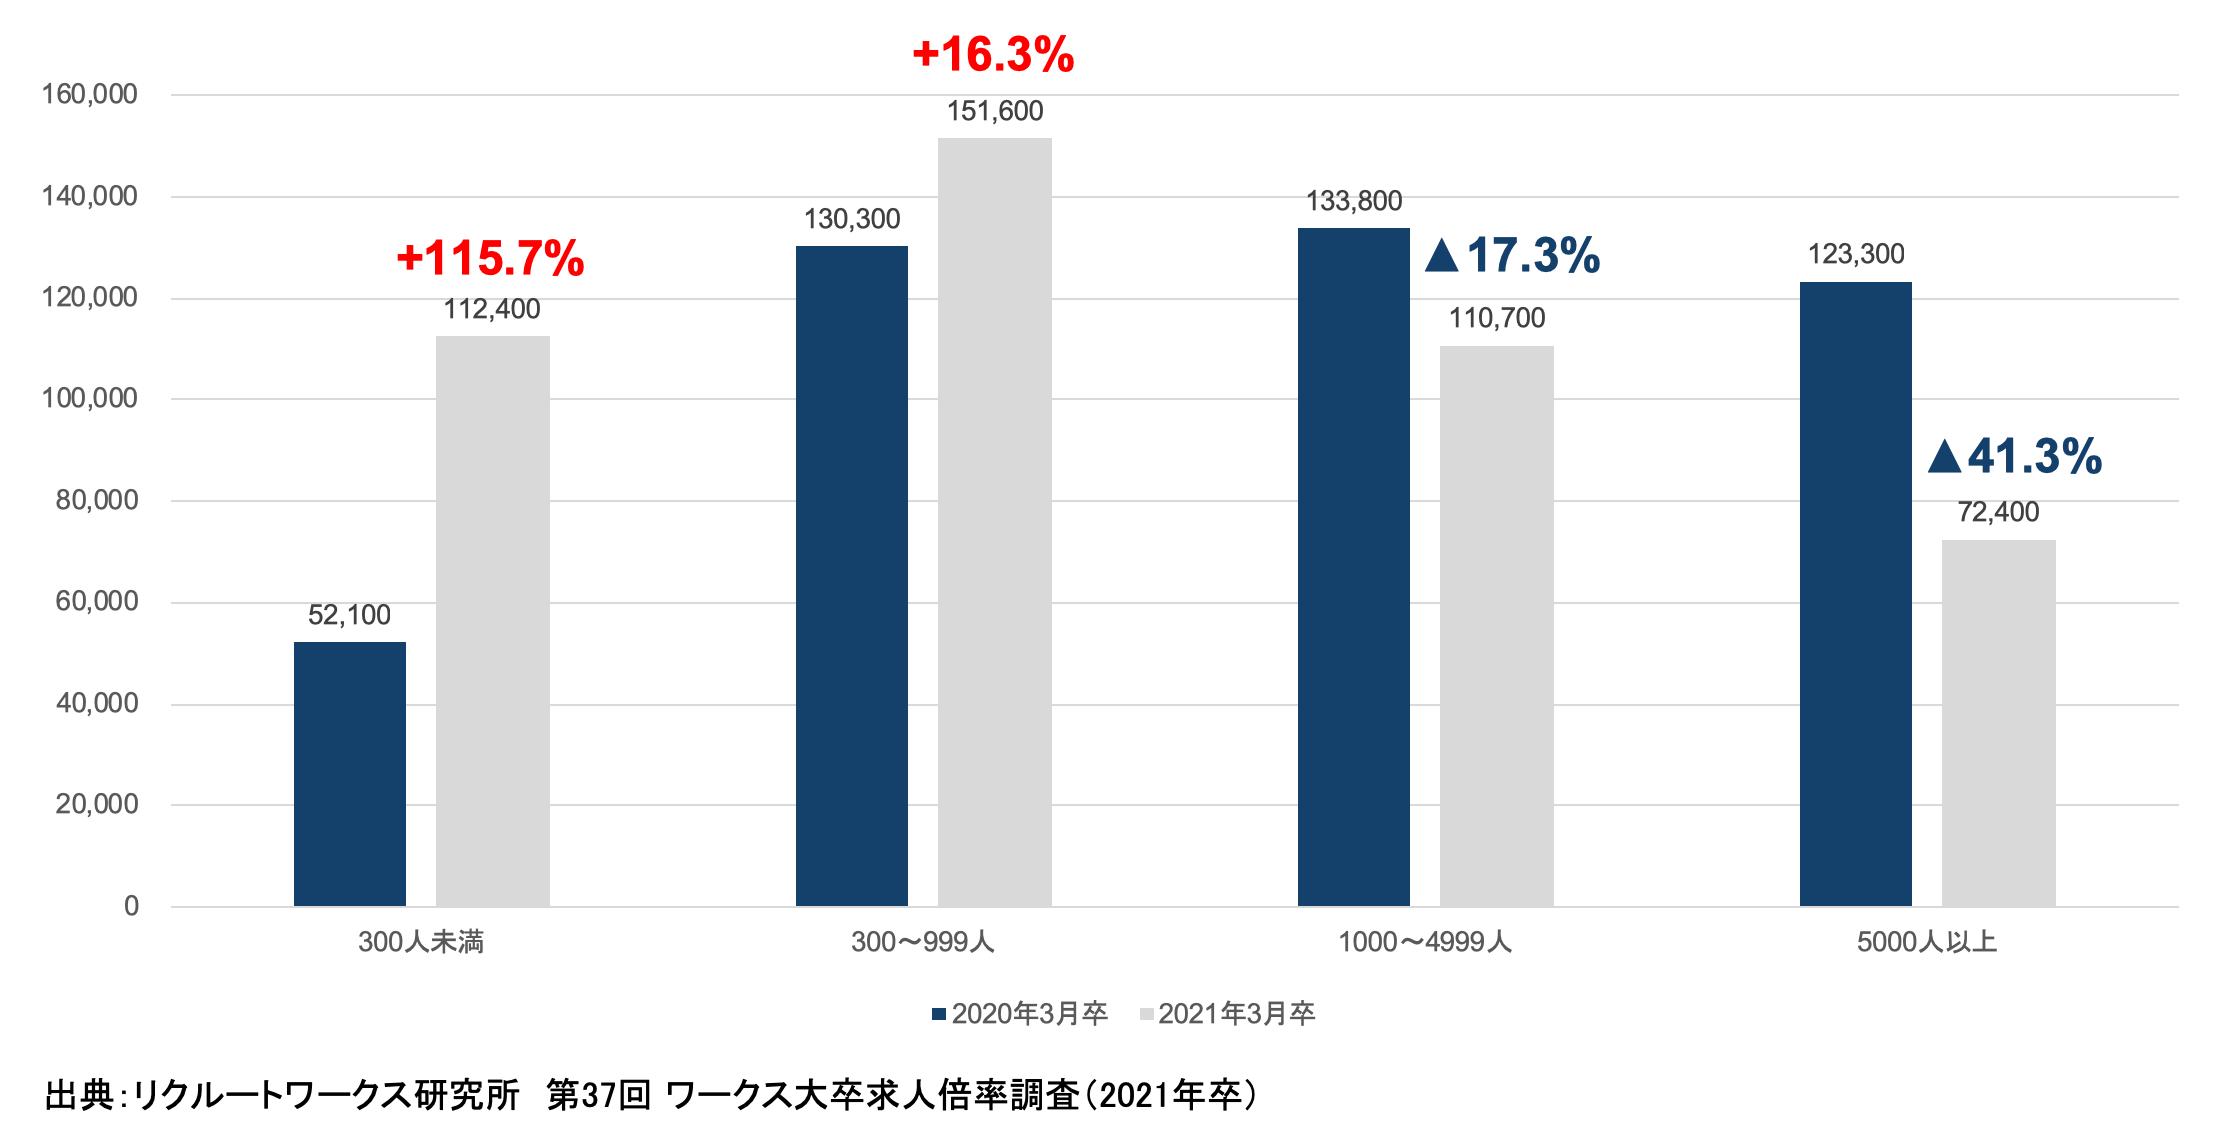 就職企業者数が与える大卒者の求人倍率への影響